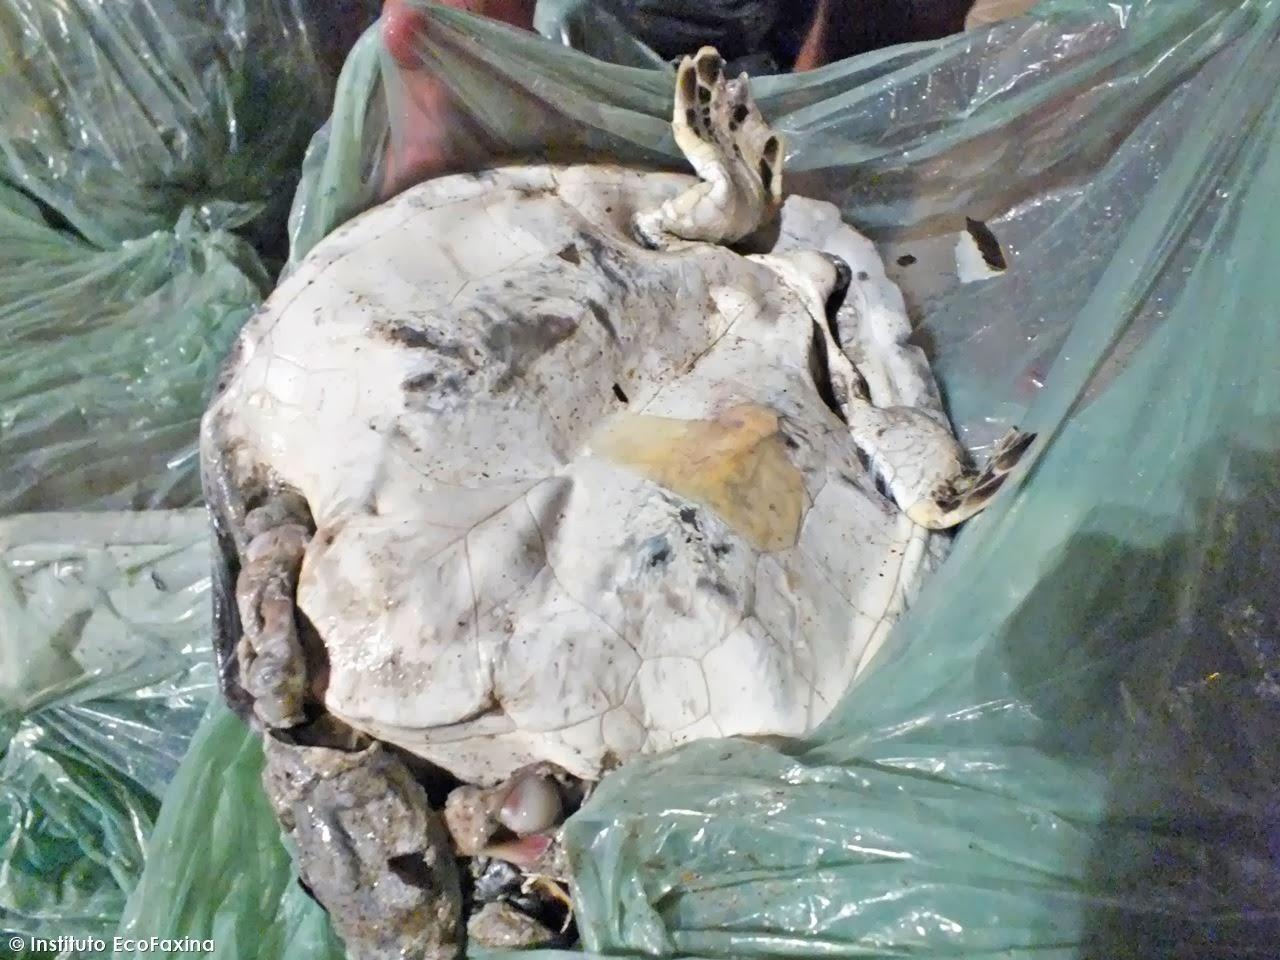 Além da enorme quantidade de lixo, um filhote morto de tartaruga-verde (Chelonia mydas), encontrado no Saco do Major, também nos deixou os alunos e diretores da ONG bastante tristes. Na ocasião estavam sem os instrumentos necessários e infelizmente não foi possível realizar a necropsia. Mas é bem provável que seja mais uma vítima do plástico. Tartarugas marinhas confundem plástico com alimentos. Crédito: Instituto EcoFaxina